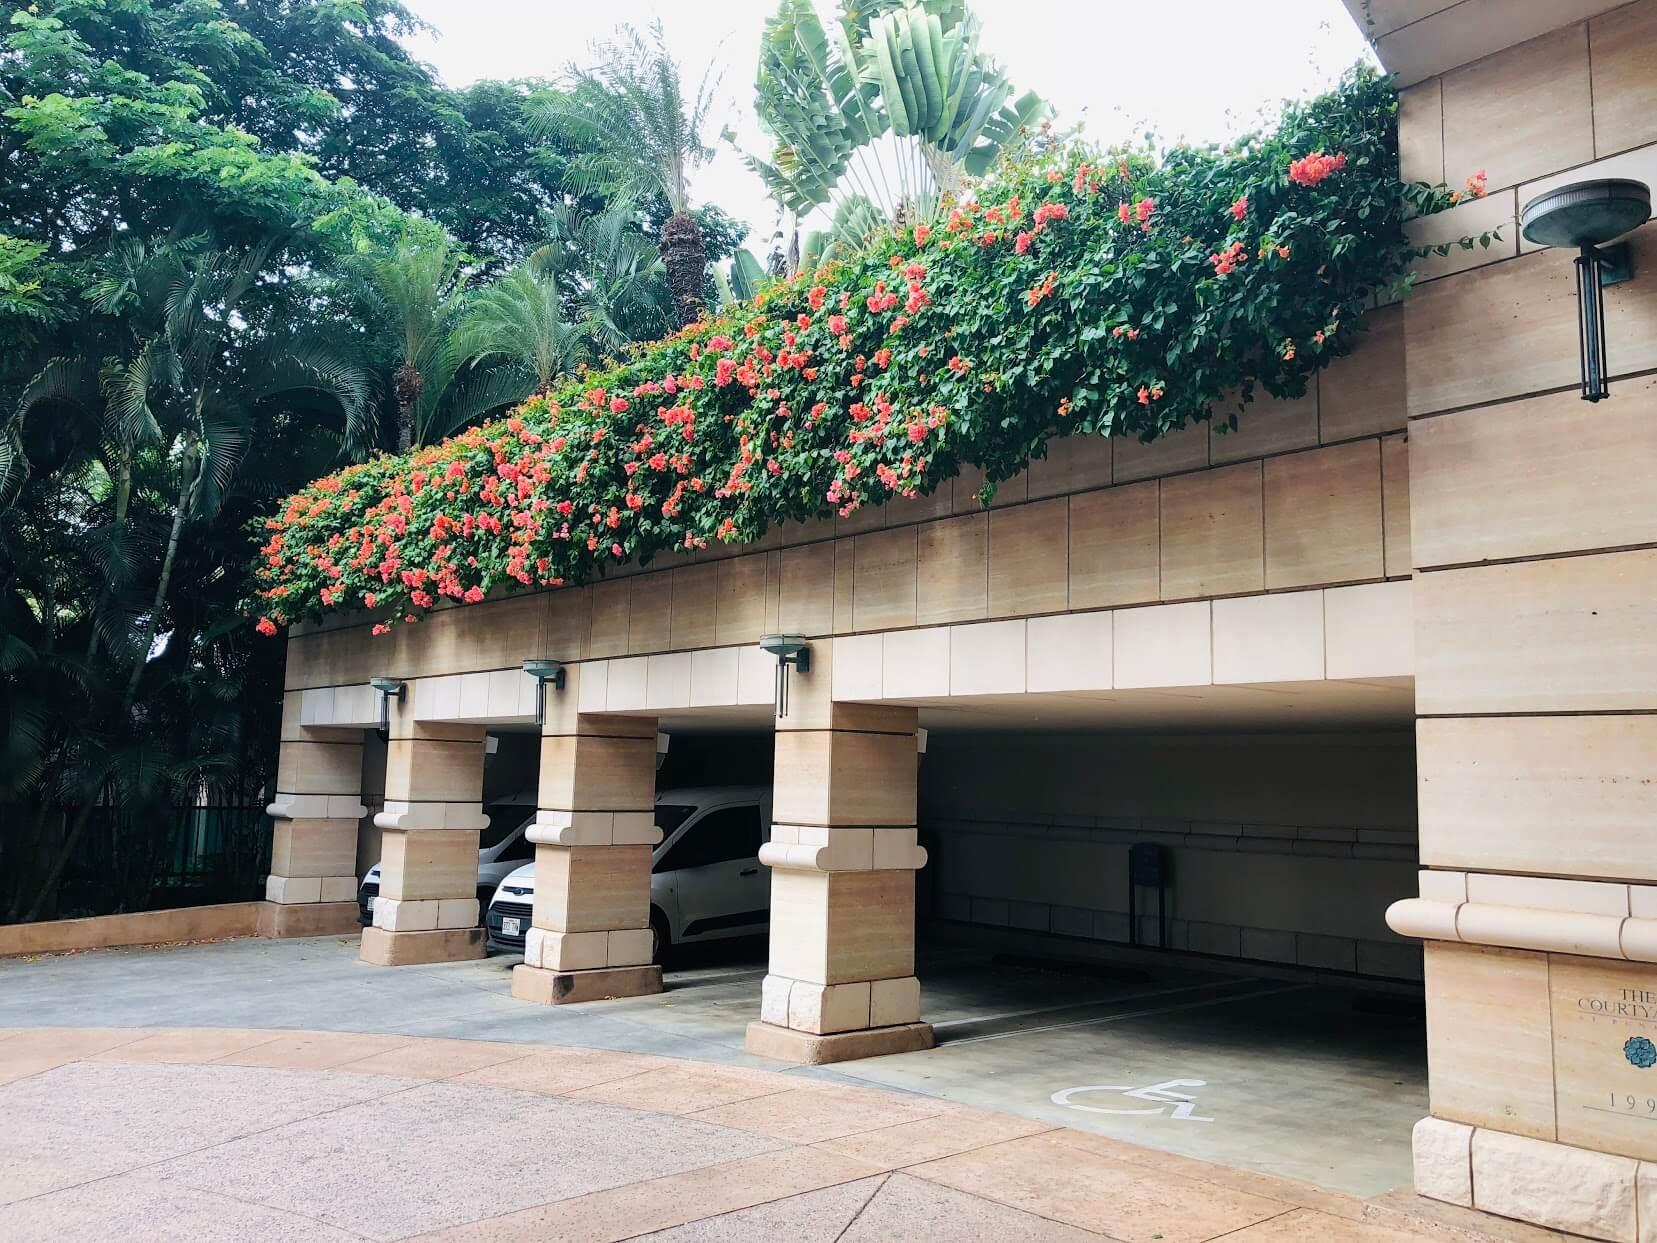 Courtyards at Punahouの駐車場